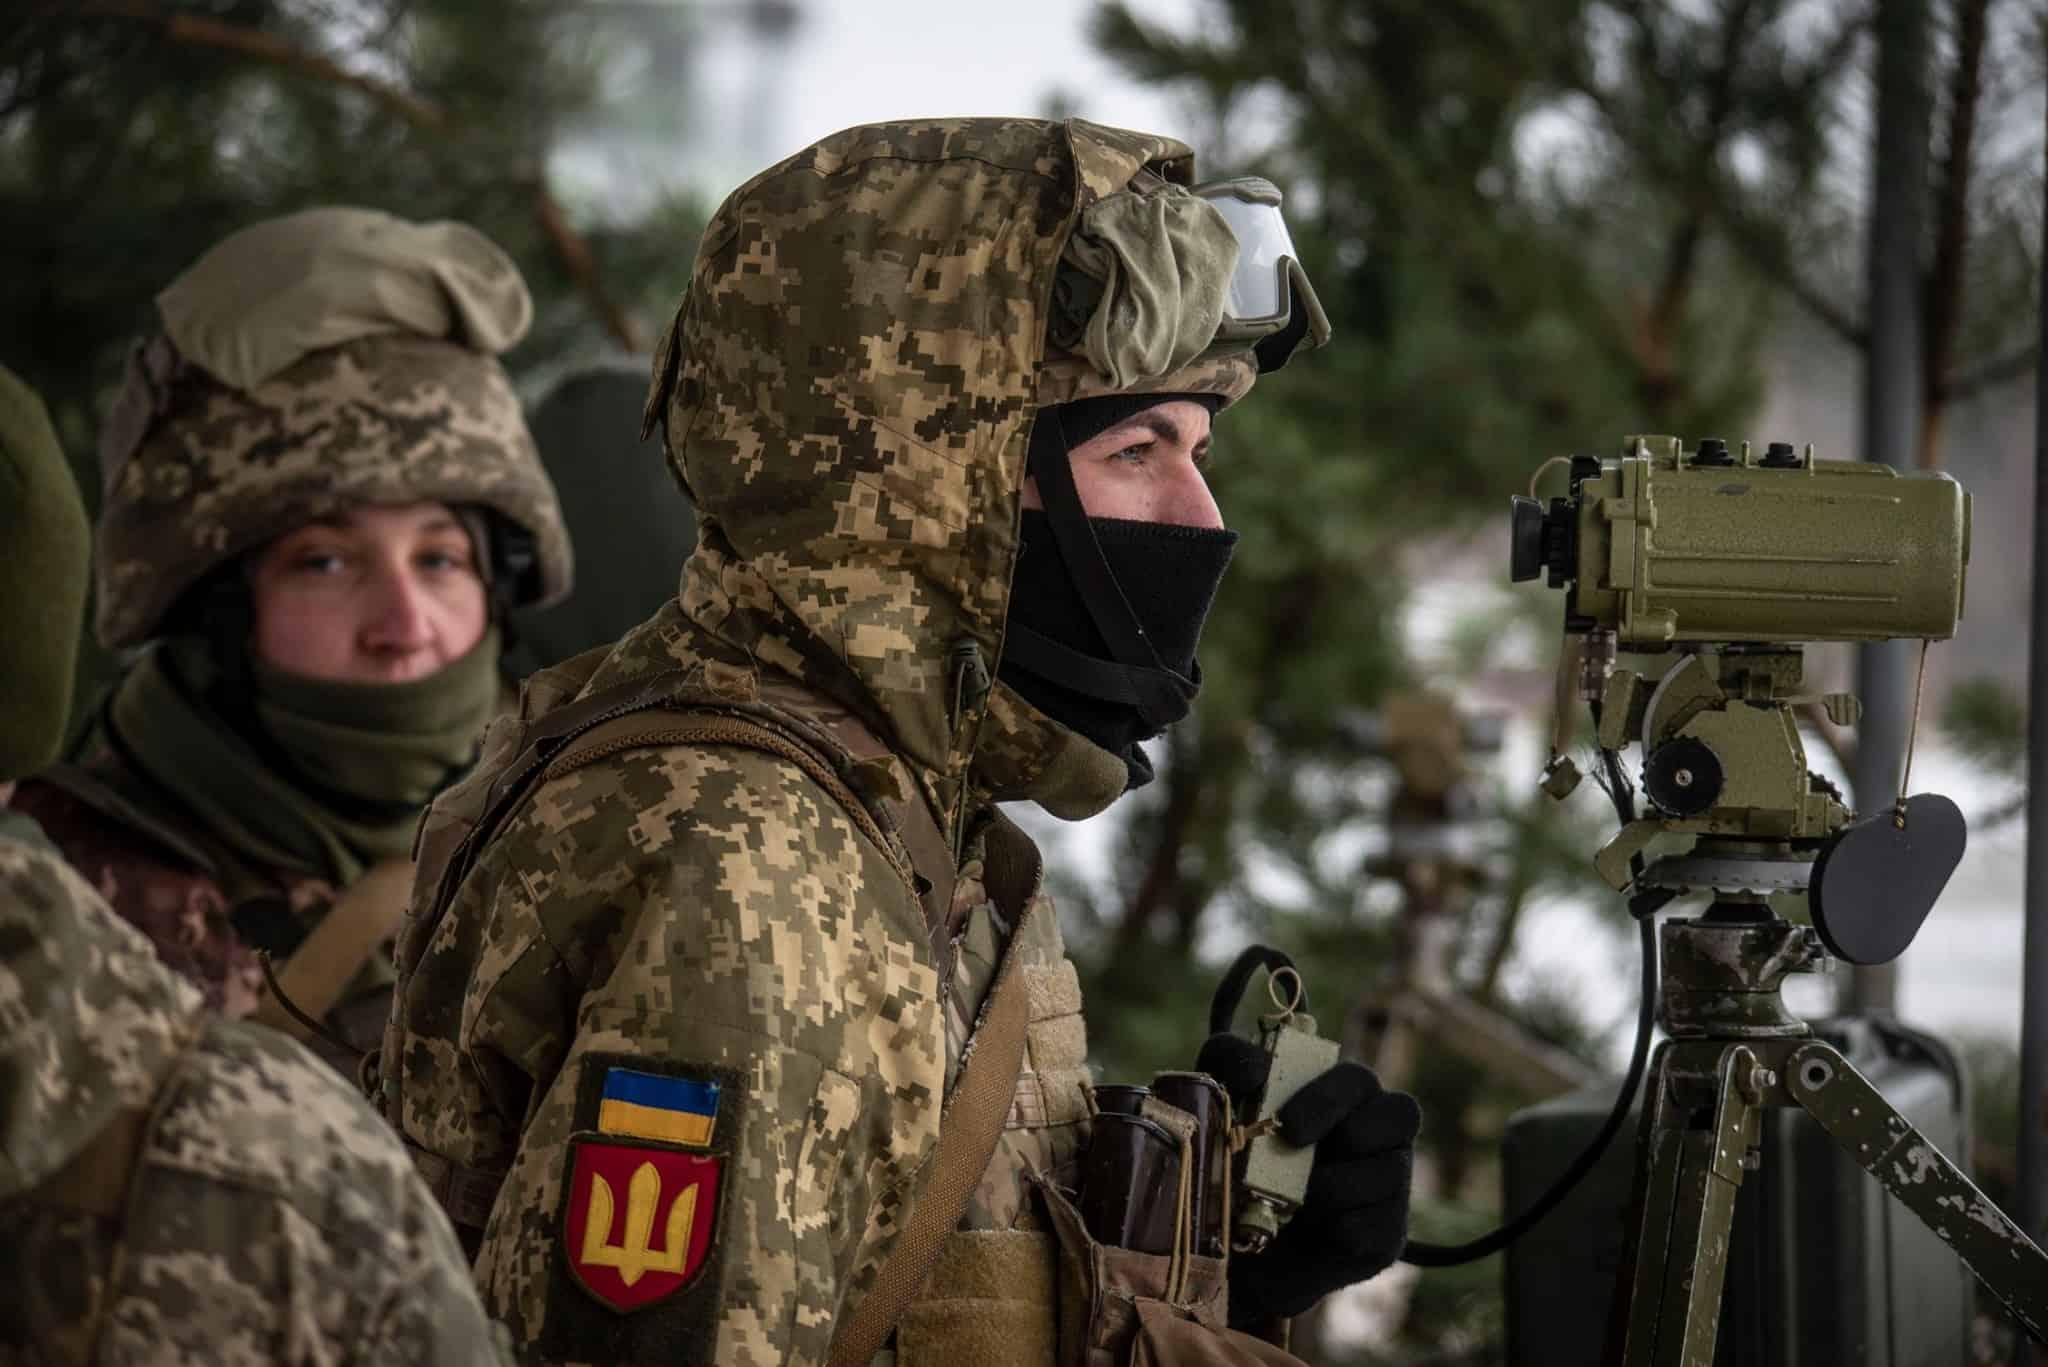 Артилеристи 93-ї окремої механізованої бригади «Холодний Яр». Грудень 2020. Фото: ЗСУ